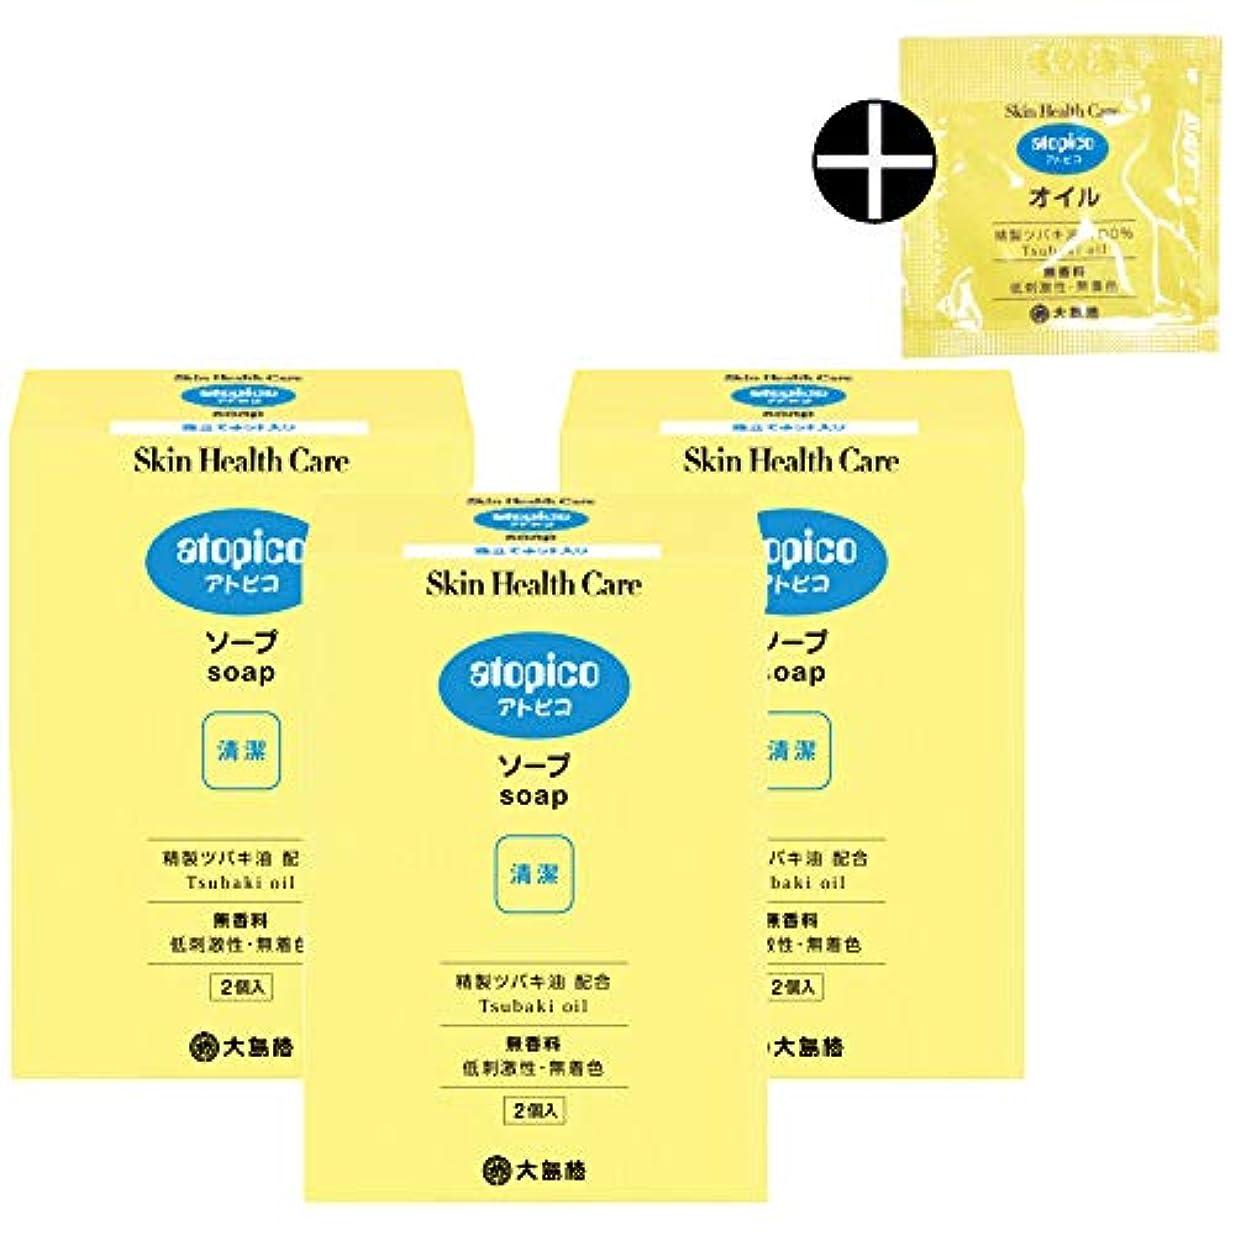 現代士気領事館【公式】大島椿 アトピコ スキンヘルスケア ソープ 70g2個入×3箱 サンプル付セット